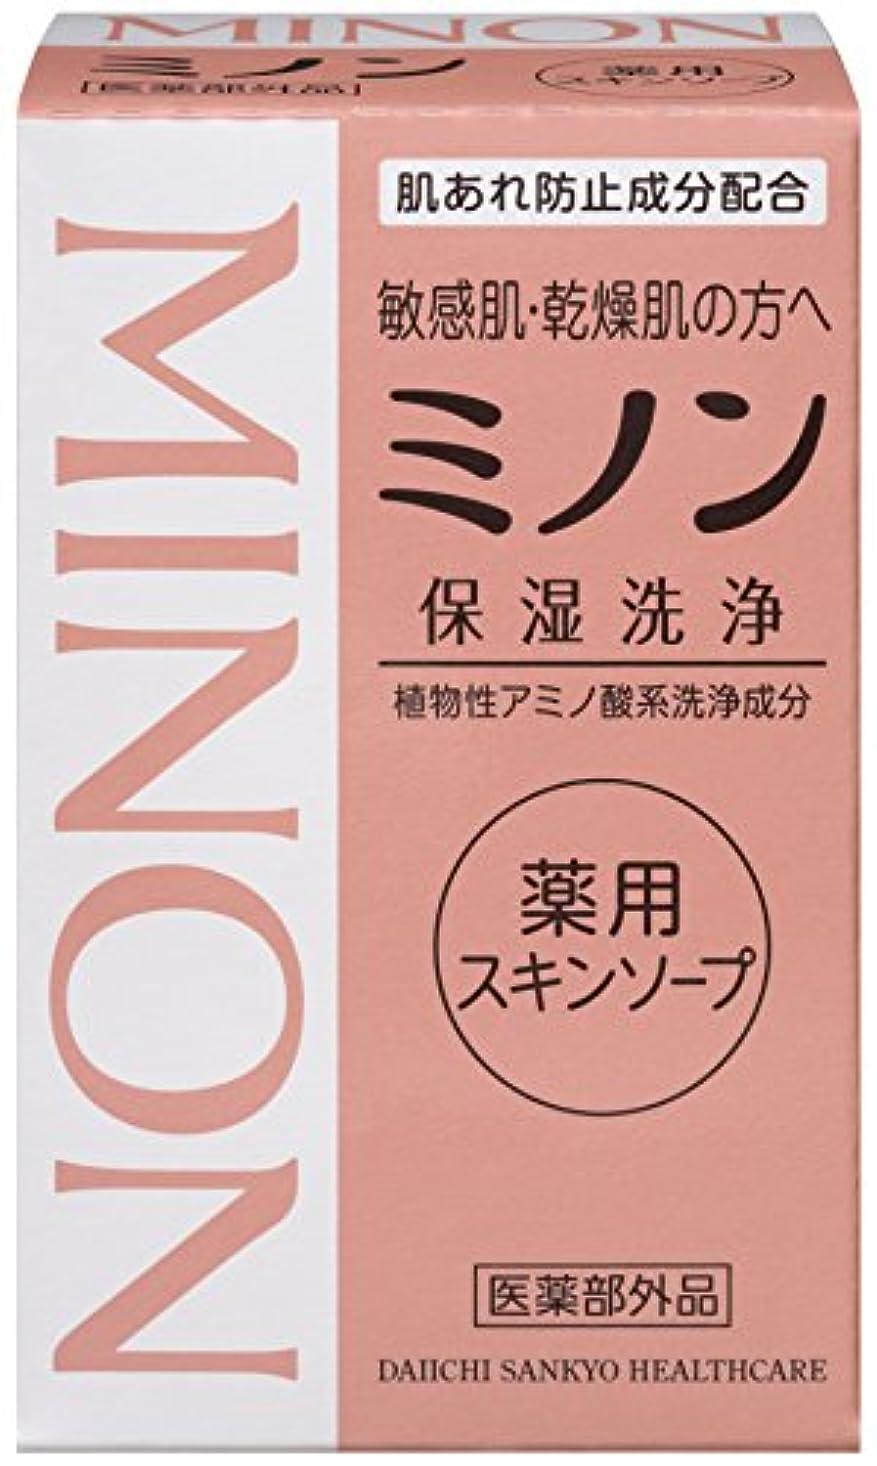 ビル同性愛者堂々たるMINON(ミノン) 薬用スキンソープ 80g 【医薬部外品】